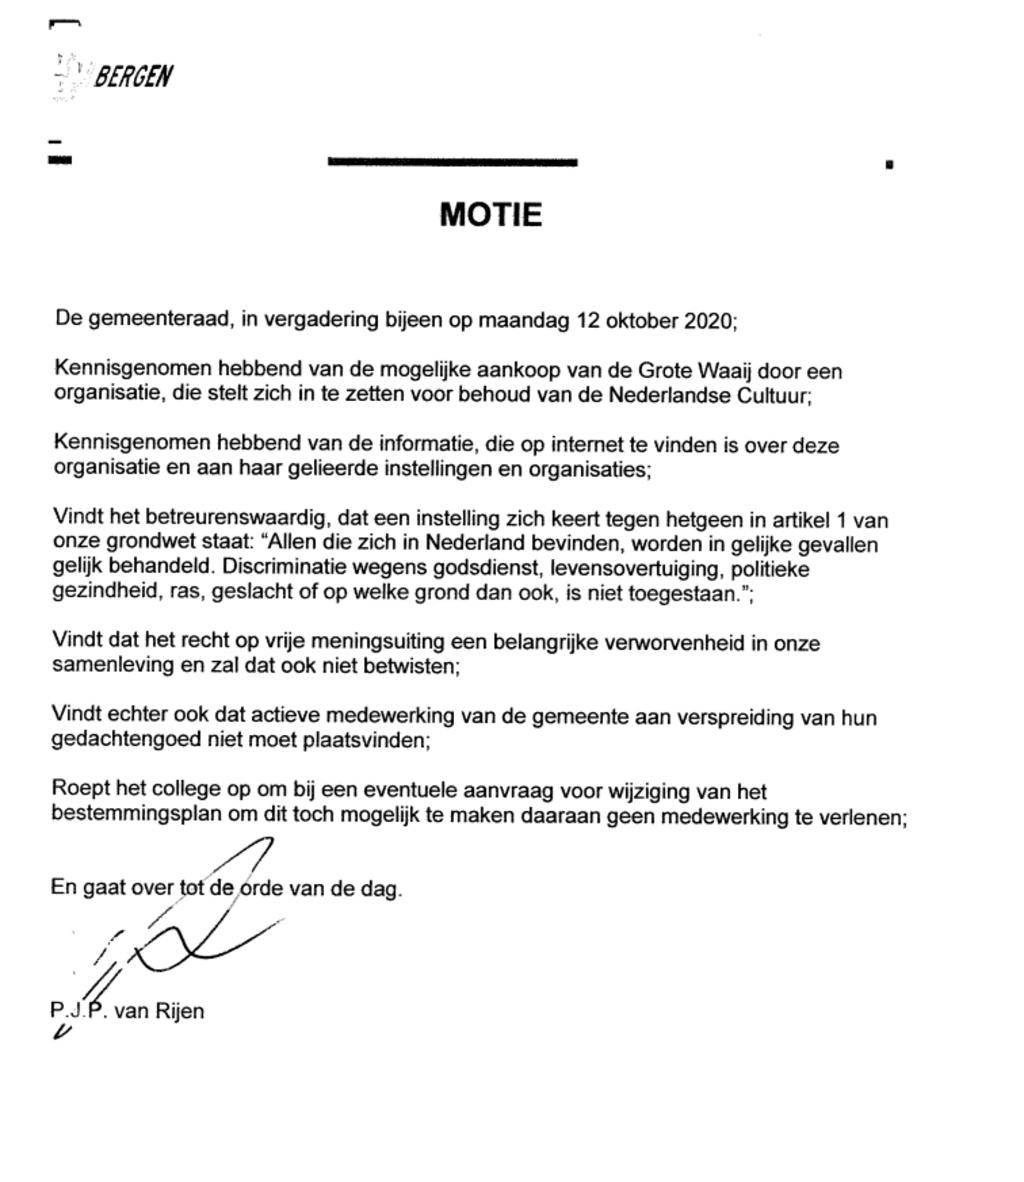 Motie VVD Foto: eigen © Maasduinencentraal